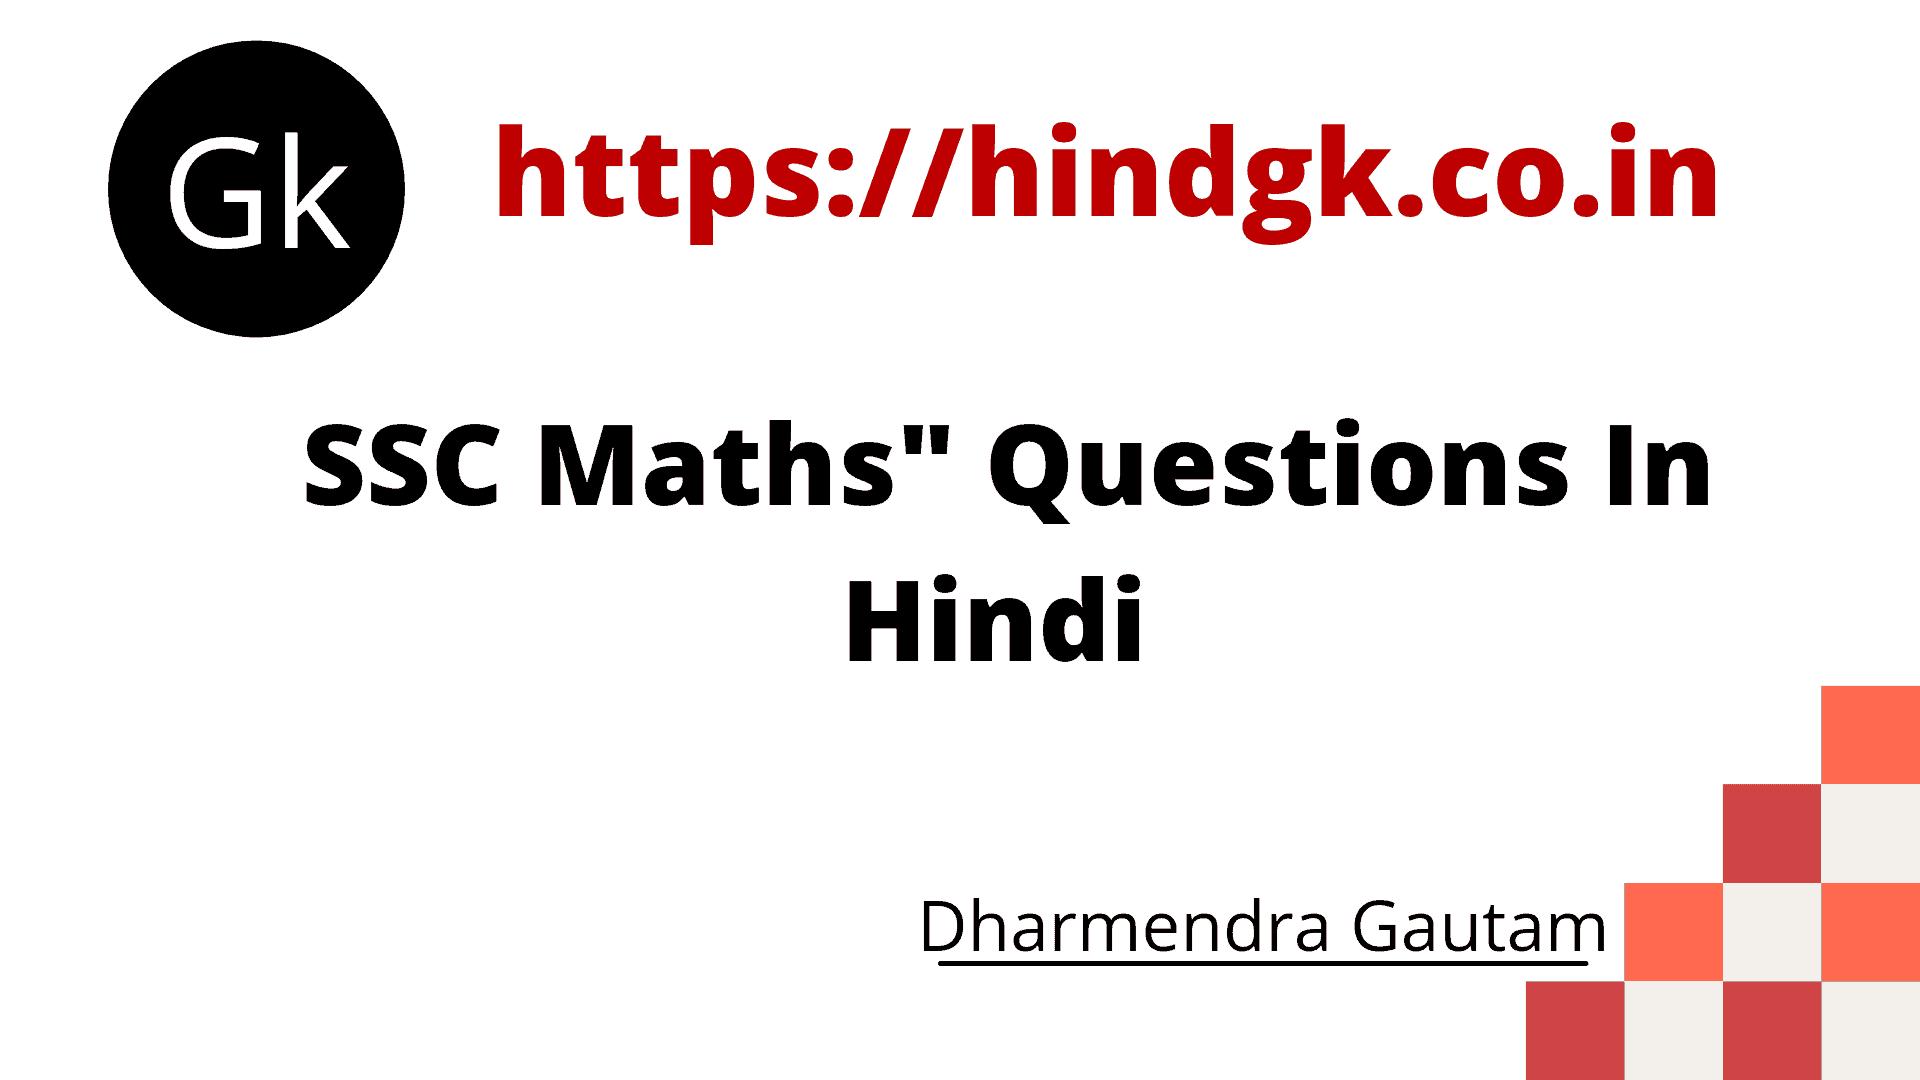 मस्कार, दोस्तों आज मैं,SSC Maths Question In Hindi से संबंधित SSC Math Question के सवाल प्रदान कर रहा हूँ। ये सभी Most Important SSC Math Question In Hindi